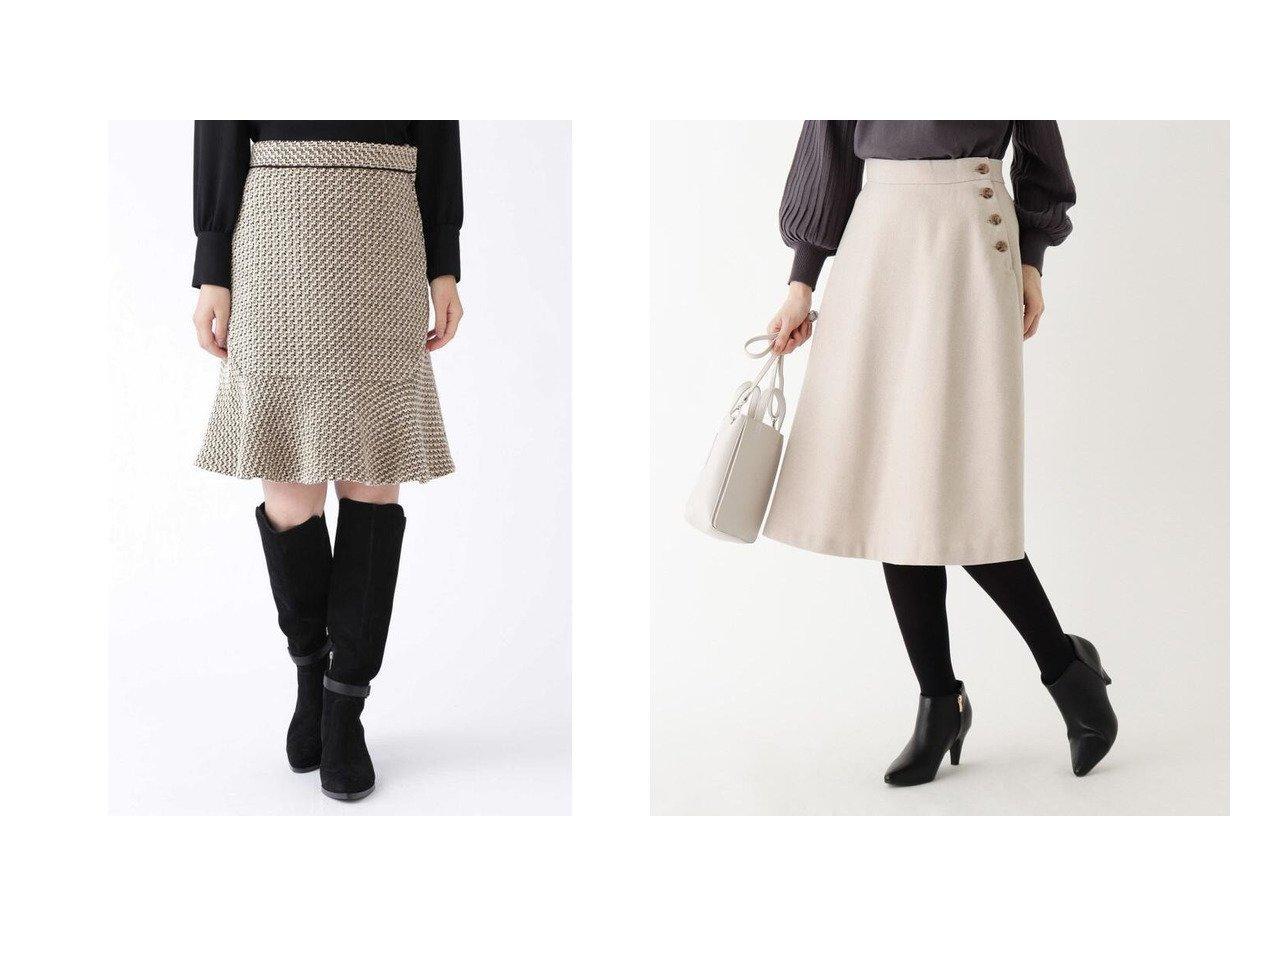 【INDEX/インデックス】の【WEB限定サイズ】ウールブレンドボタンフレアスカート&【JILLSTUART/ジルスチュアート】のジェシカスカート スカートのおすすめ!人気、レディースファッションの通販  おすすめファッション通販アイテム インテリア・キッズ・メンズ・レディースファッション・服の通販 founy(ファニー) ファッション Fashion レディース WOMEN スカート Skirt Aライン/フレアスカート Flared A-Line Skirts イタリア シンプル タイツ ツイード バランス フレア ミックス カットソー チェック フロント 定番 無地 ベージュ系 Beige レッド系 Red ブラック系 Black ブラウン系 Brown |ID:crp329100000004051